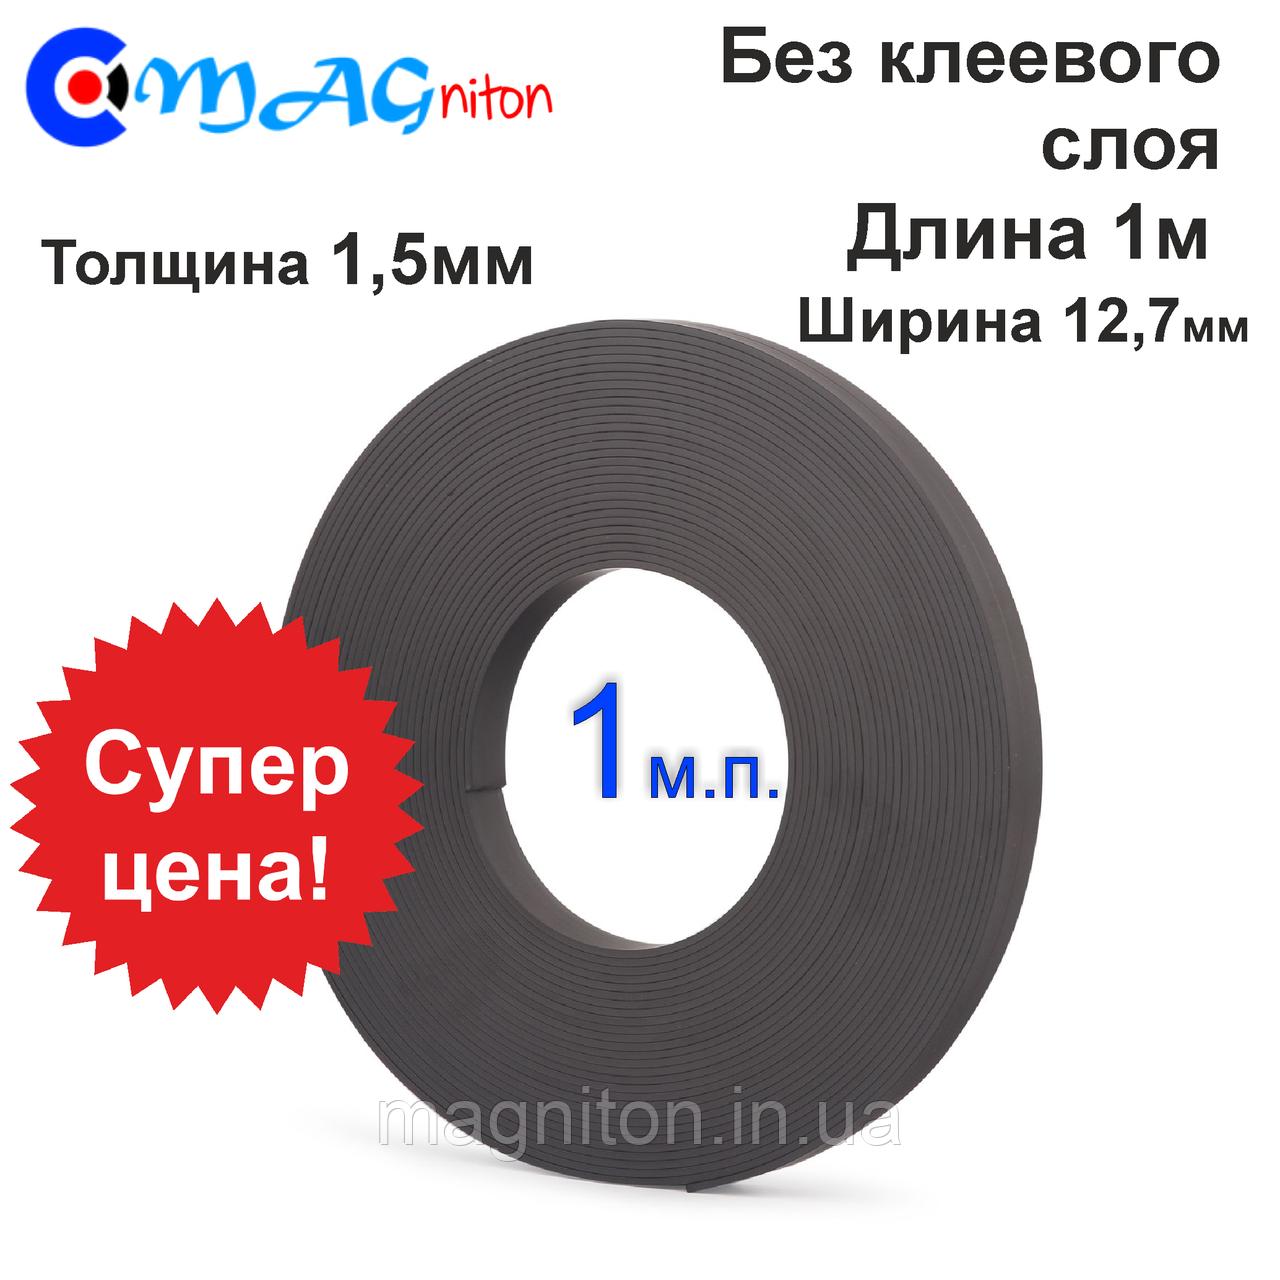 Магнітний вініл. Стрічка магнітна 12,7 мм без клейового шару 1м